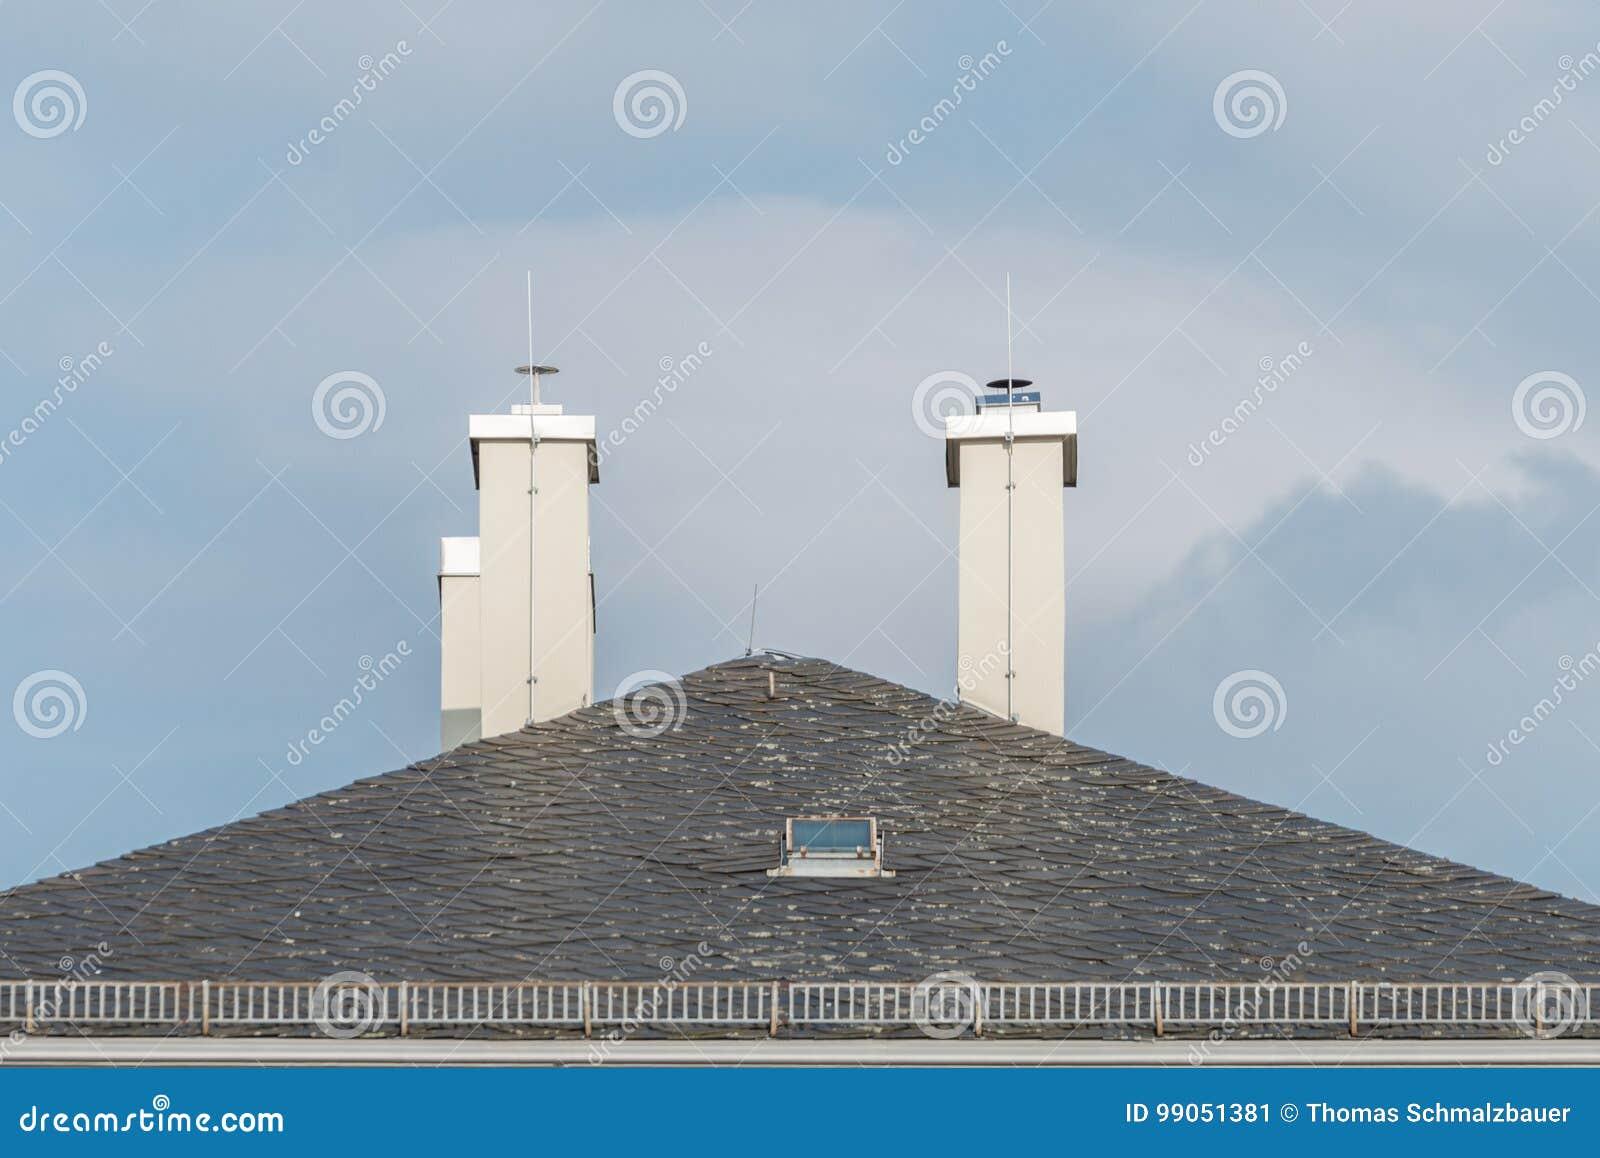 Modernes Schindelhaus Mit Kamin Und Blitzableiter Stockbild Bild